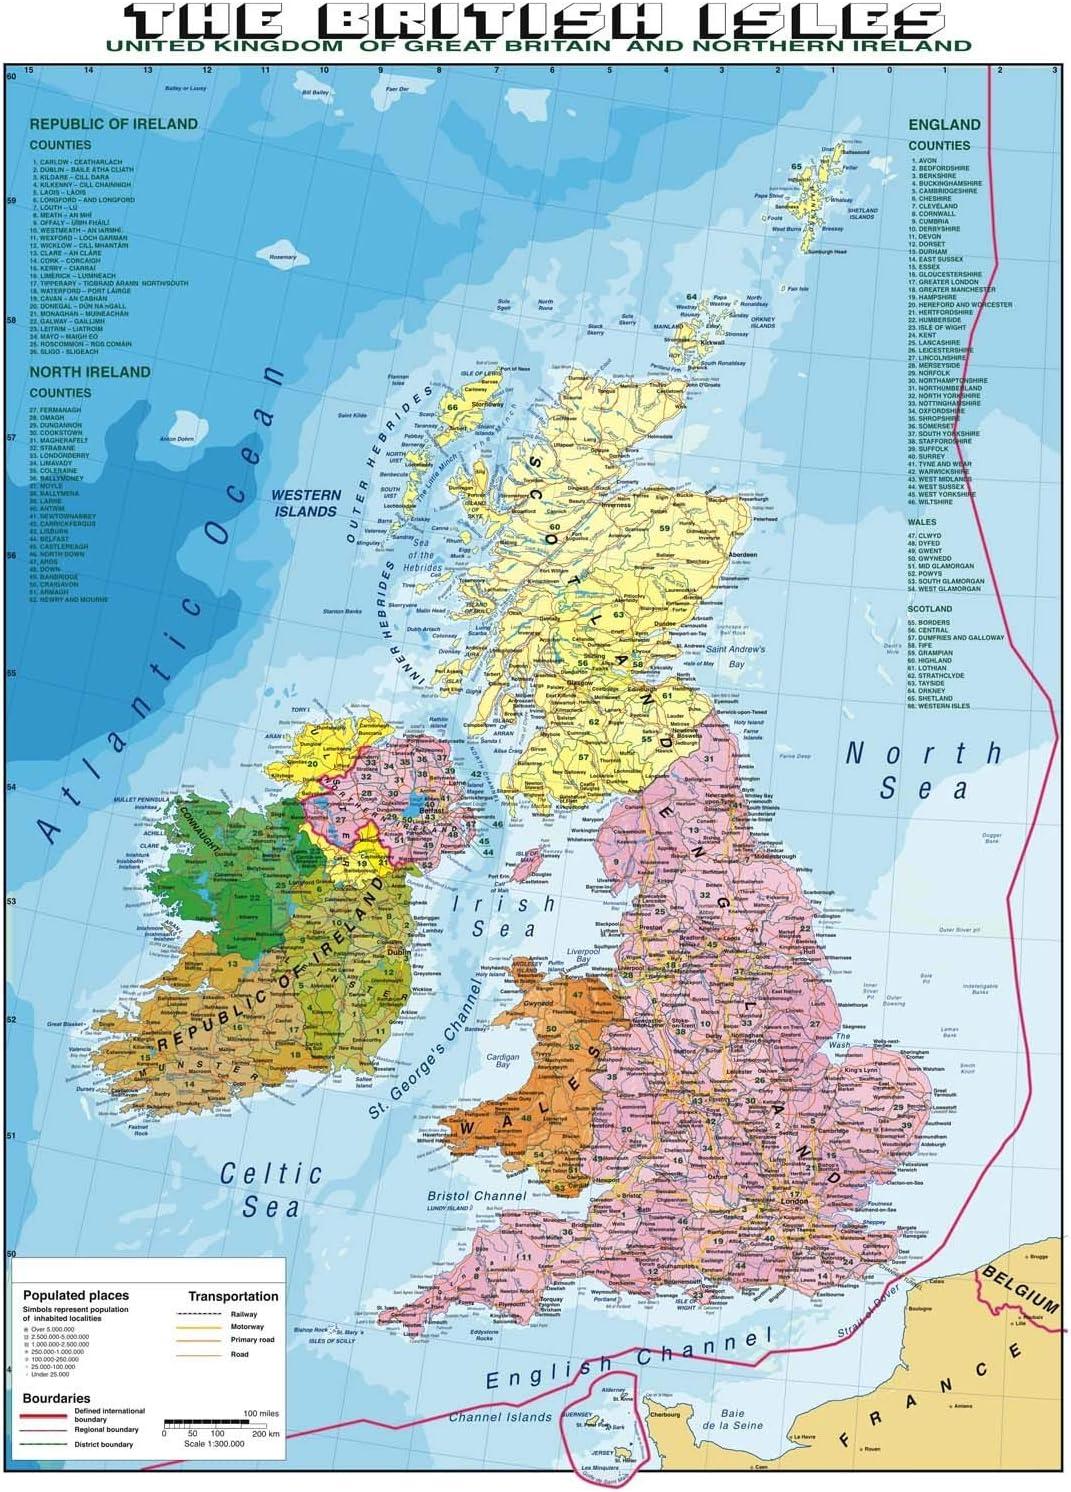 Cartina Stradale Gran Bretagna.Carta Geografica Murale Gran Bretagna In Lingua Madre Inglese Amazon It Cancelleria E Prodotti Per Ufficio